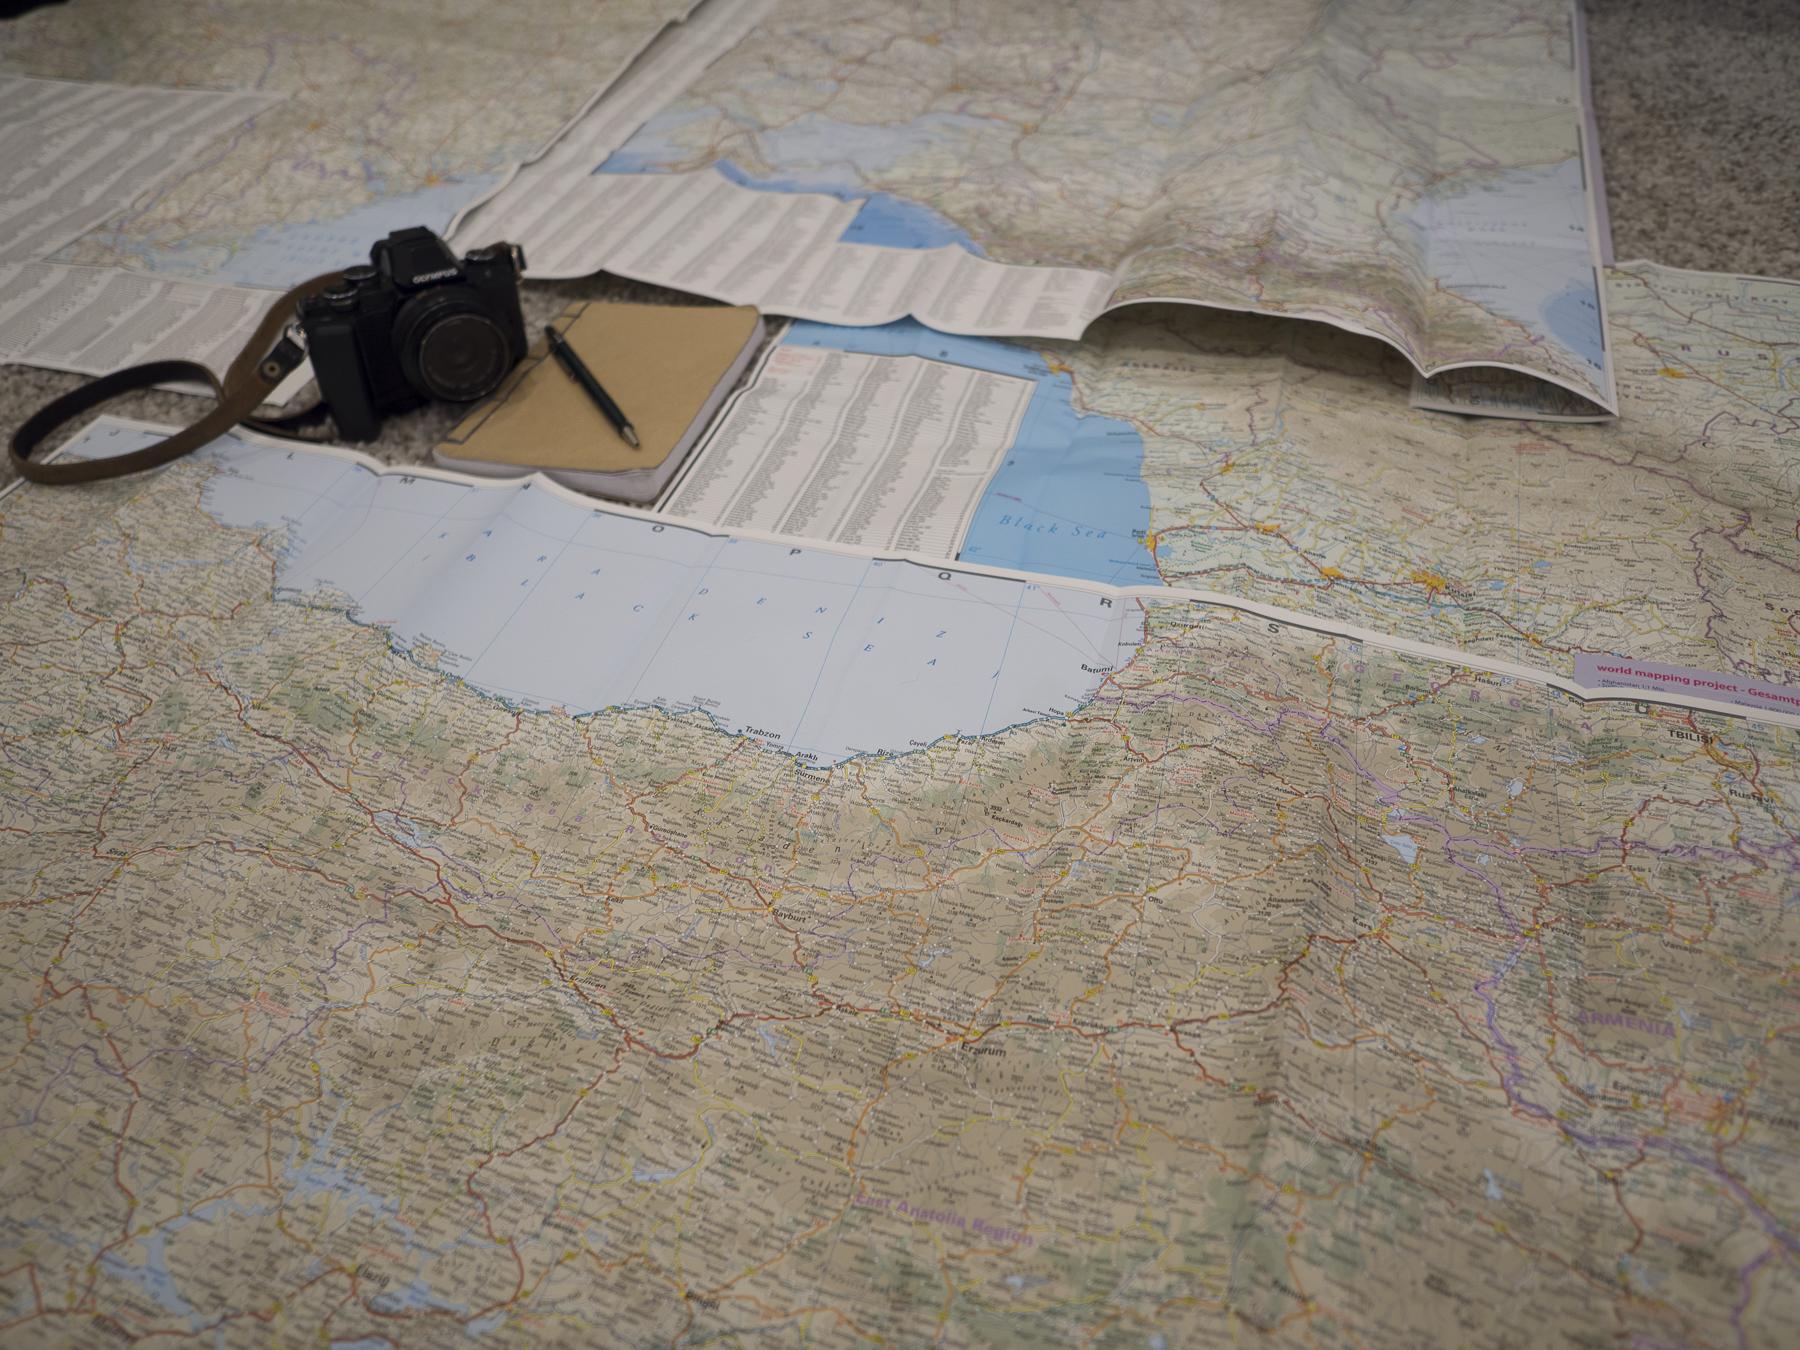 Cámara de fotos y mapas del mar negro